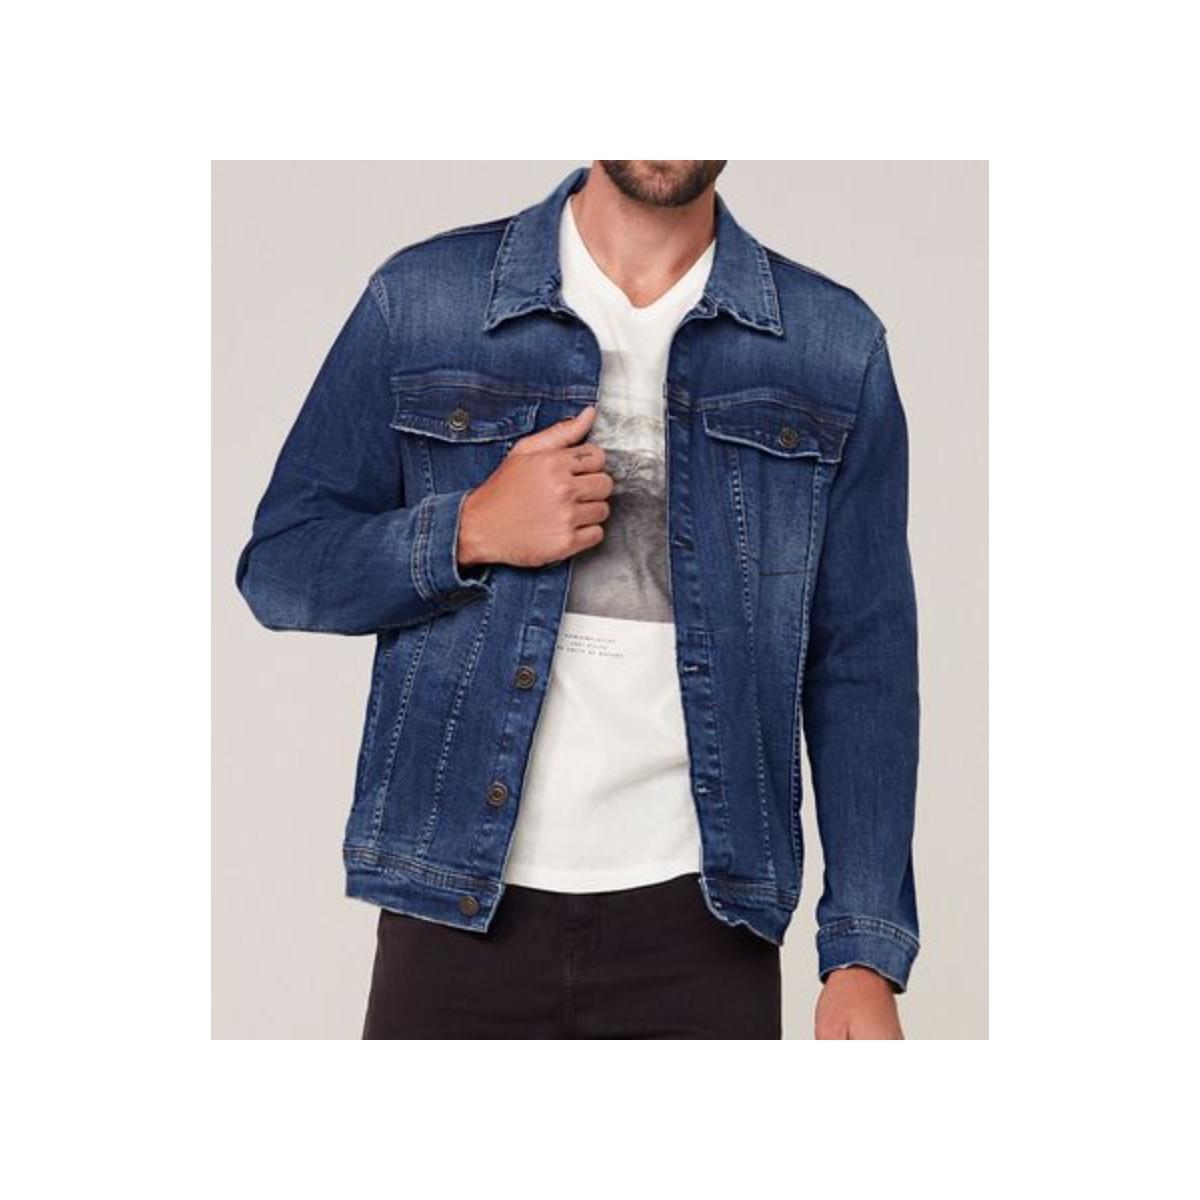 Jaqueta Masculina Dzarm Z8lc 1bsn Jeans